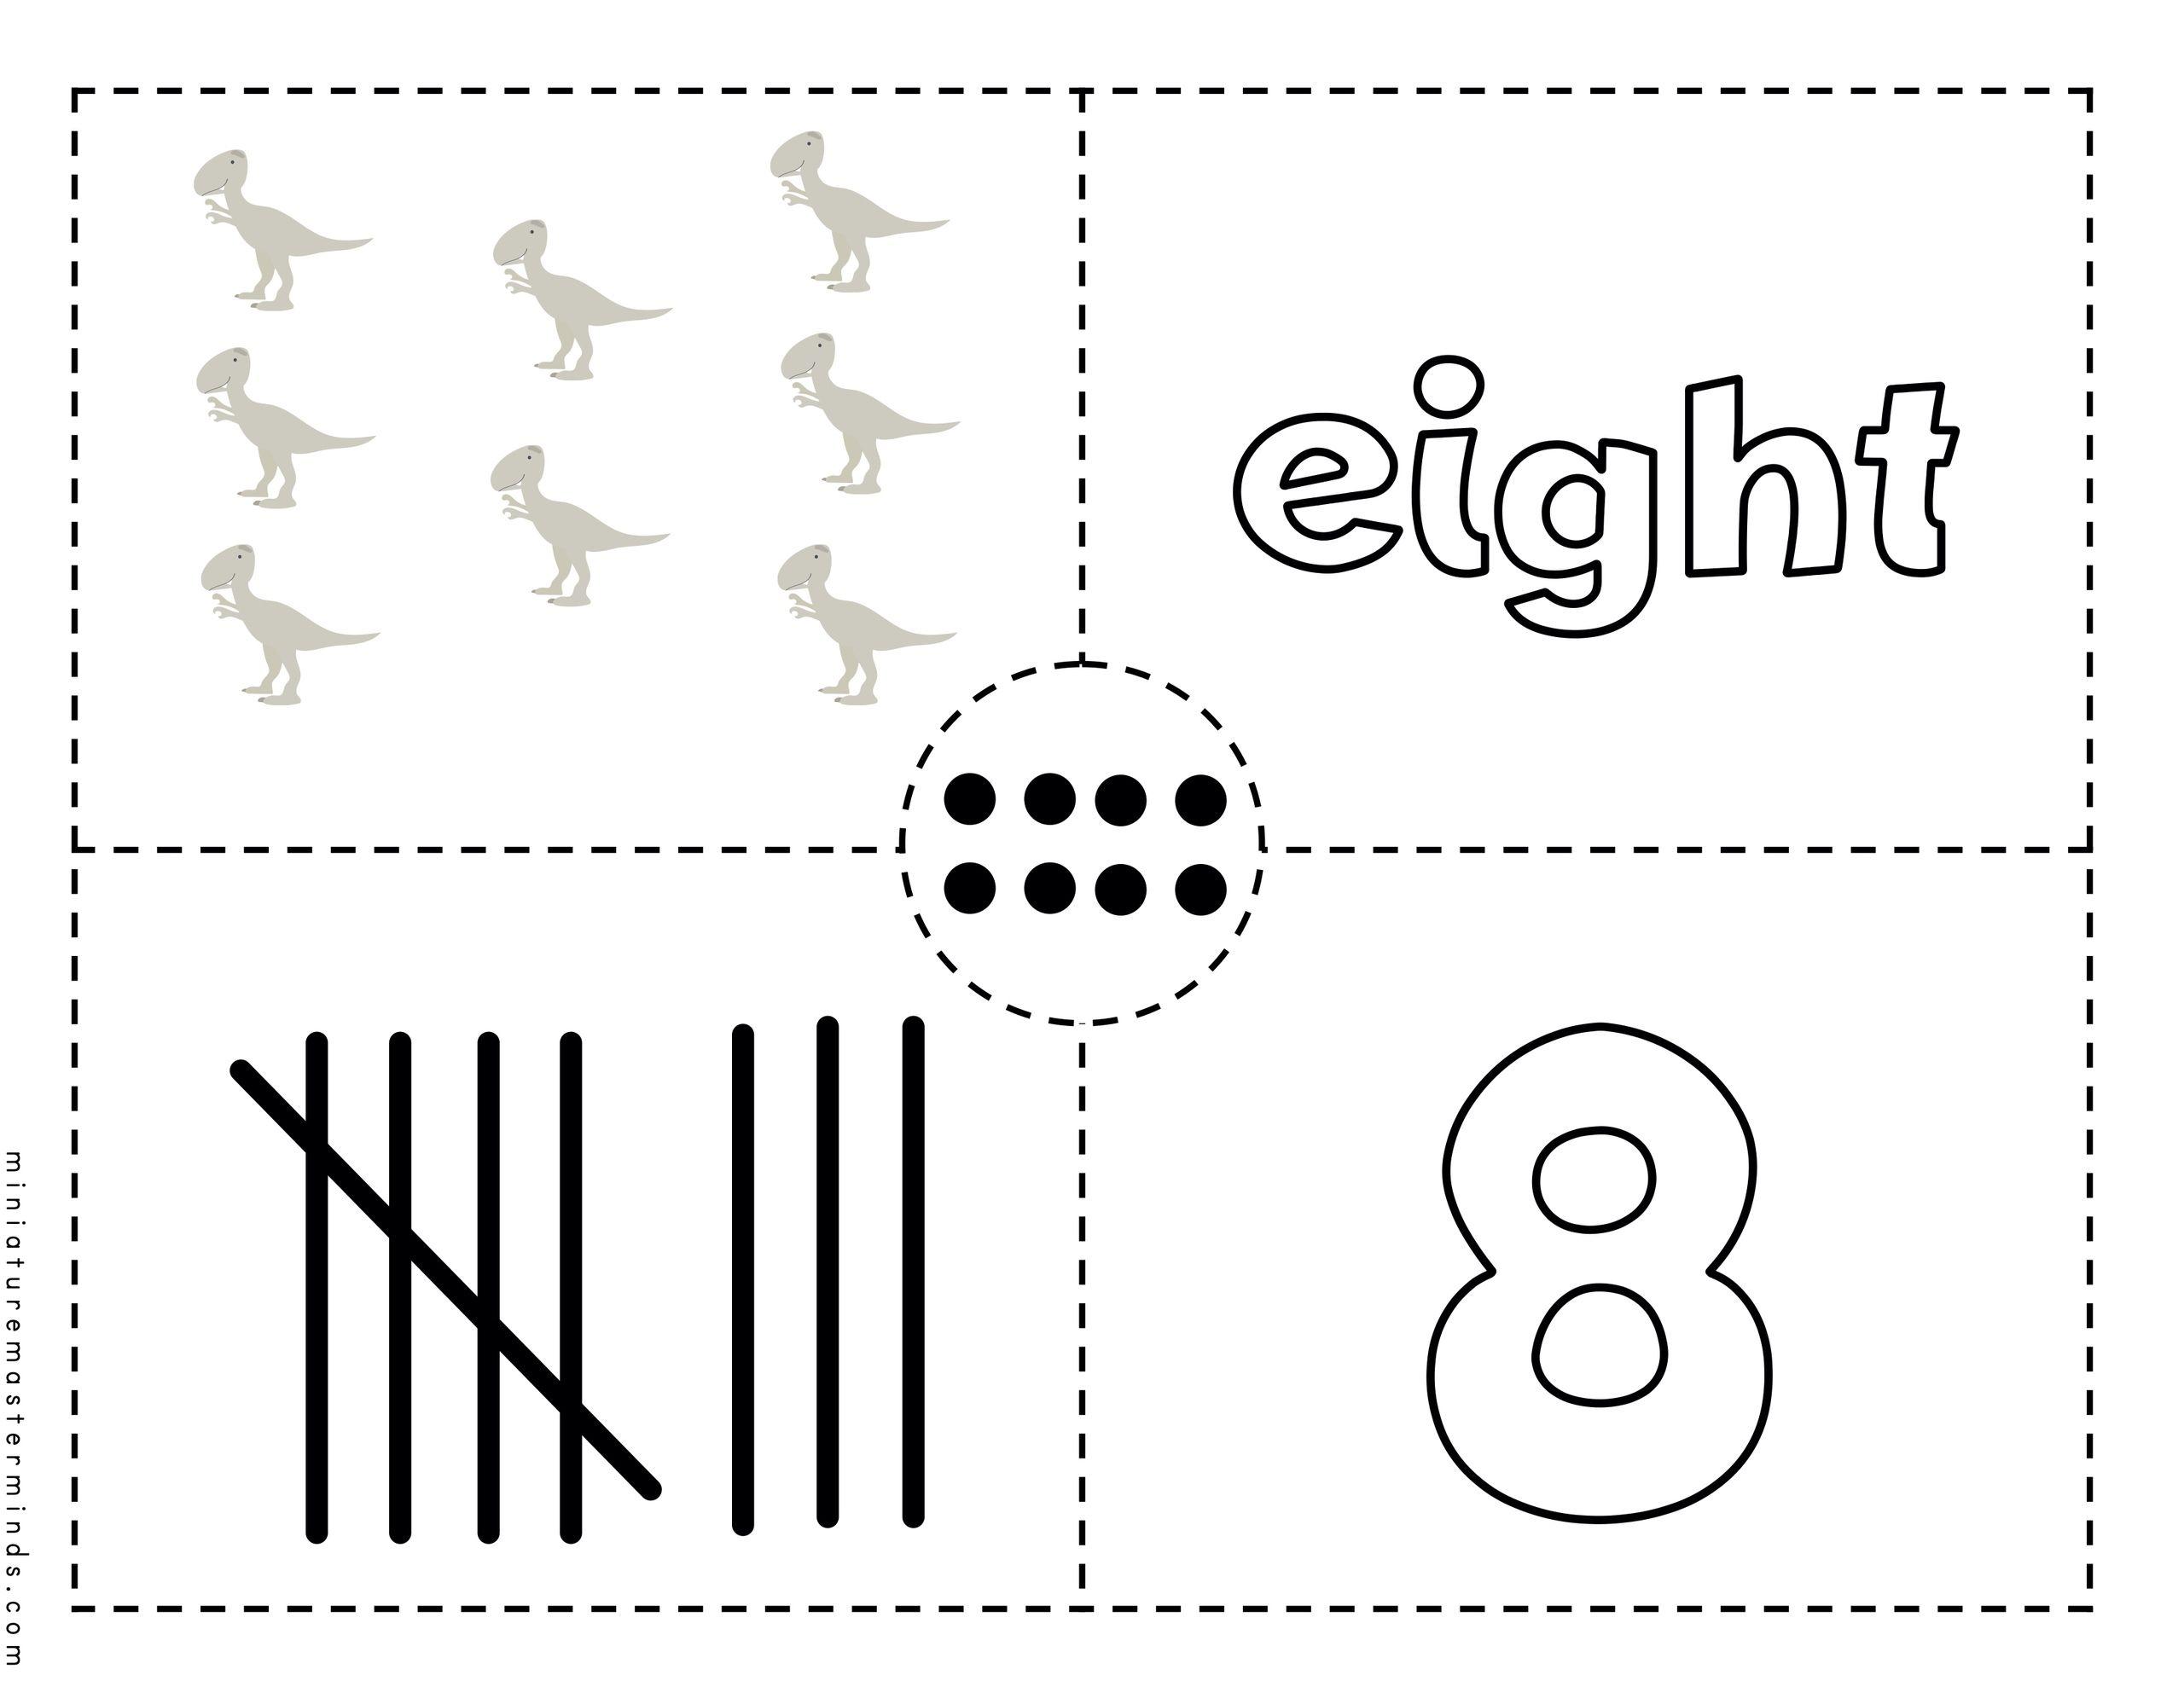 Math Worksheets for Kindergarten in 2020 Math worksheets